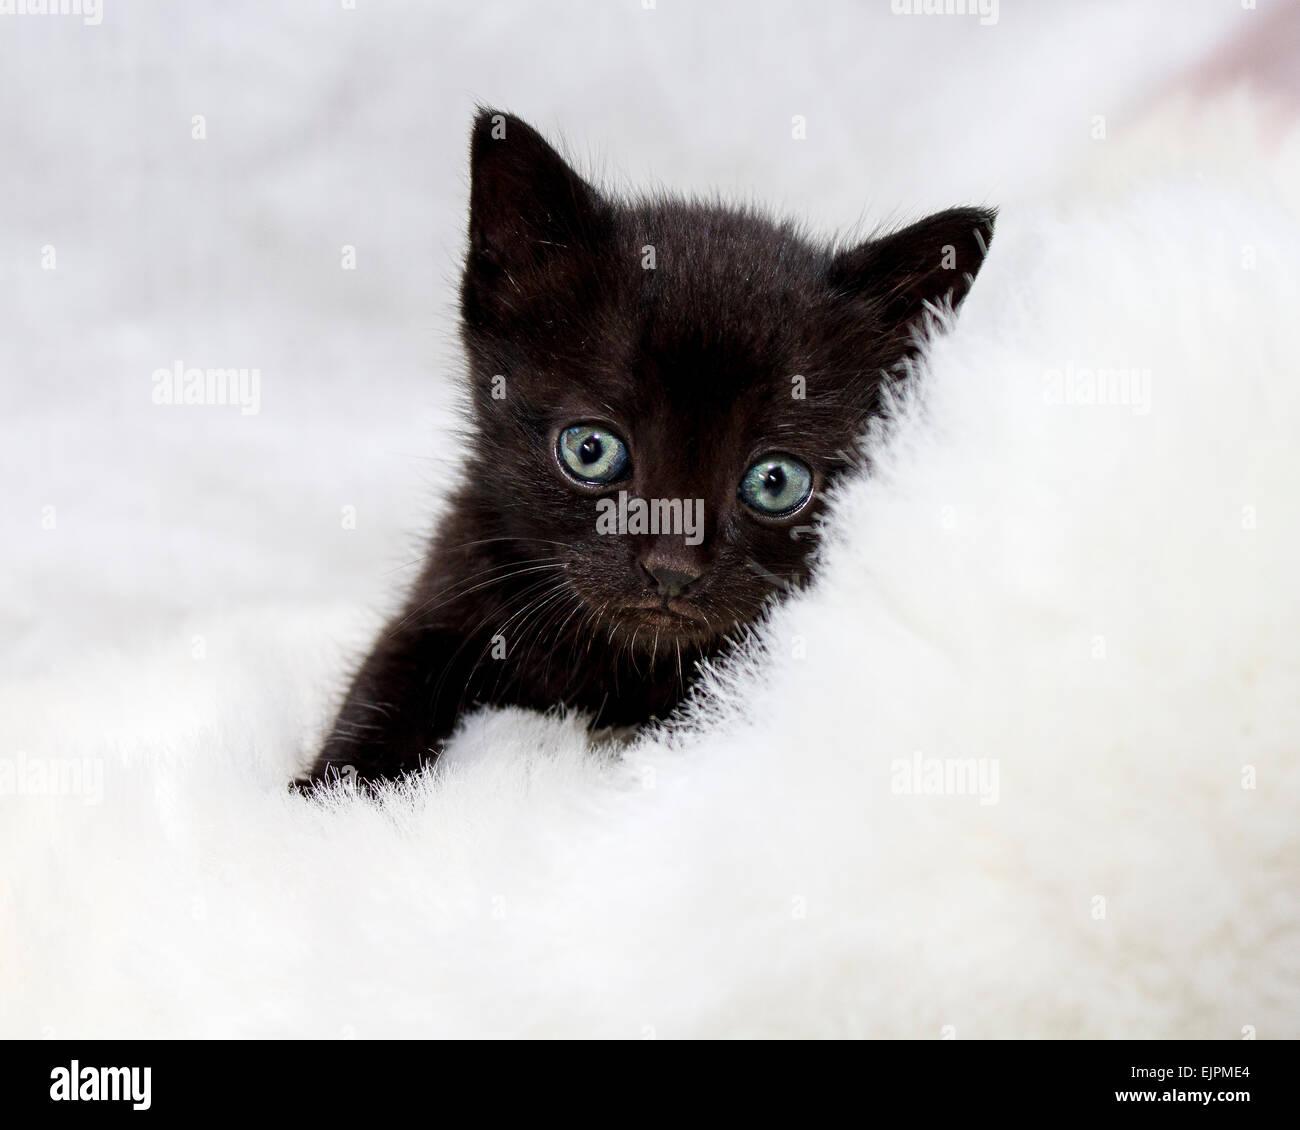 Black White Kitten Green Eyes Stock Photos Black White Kitten